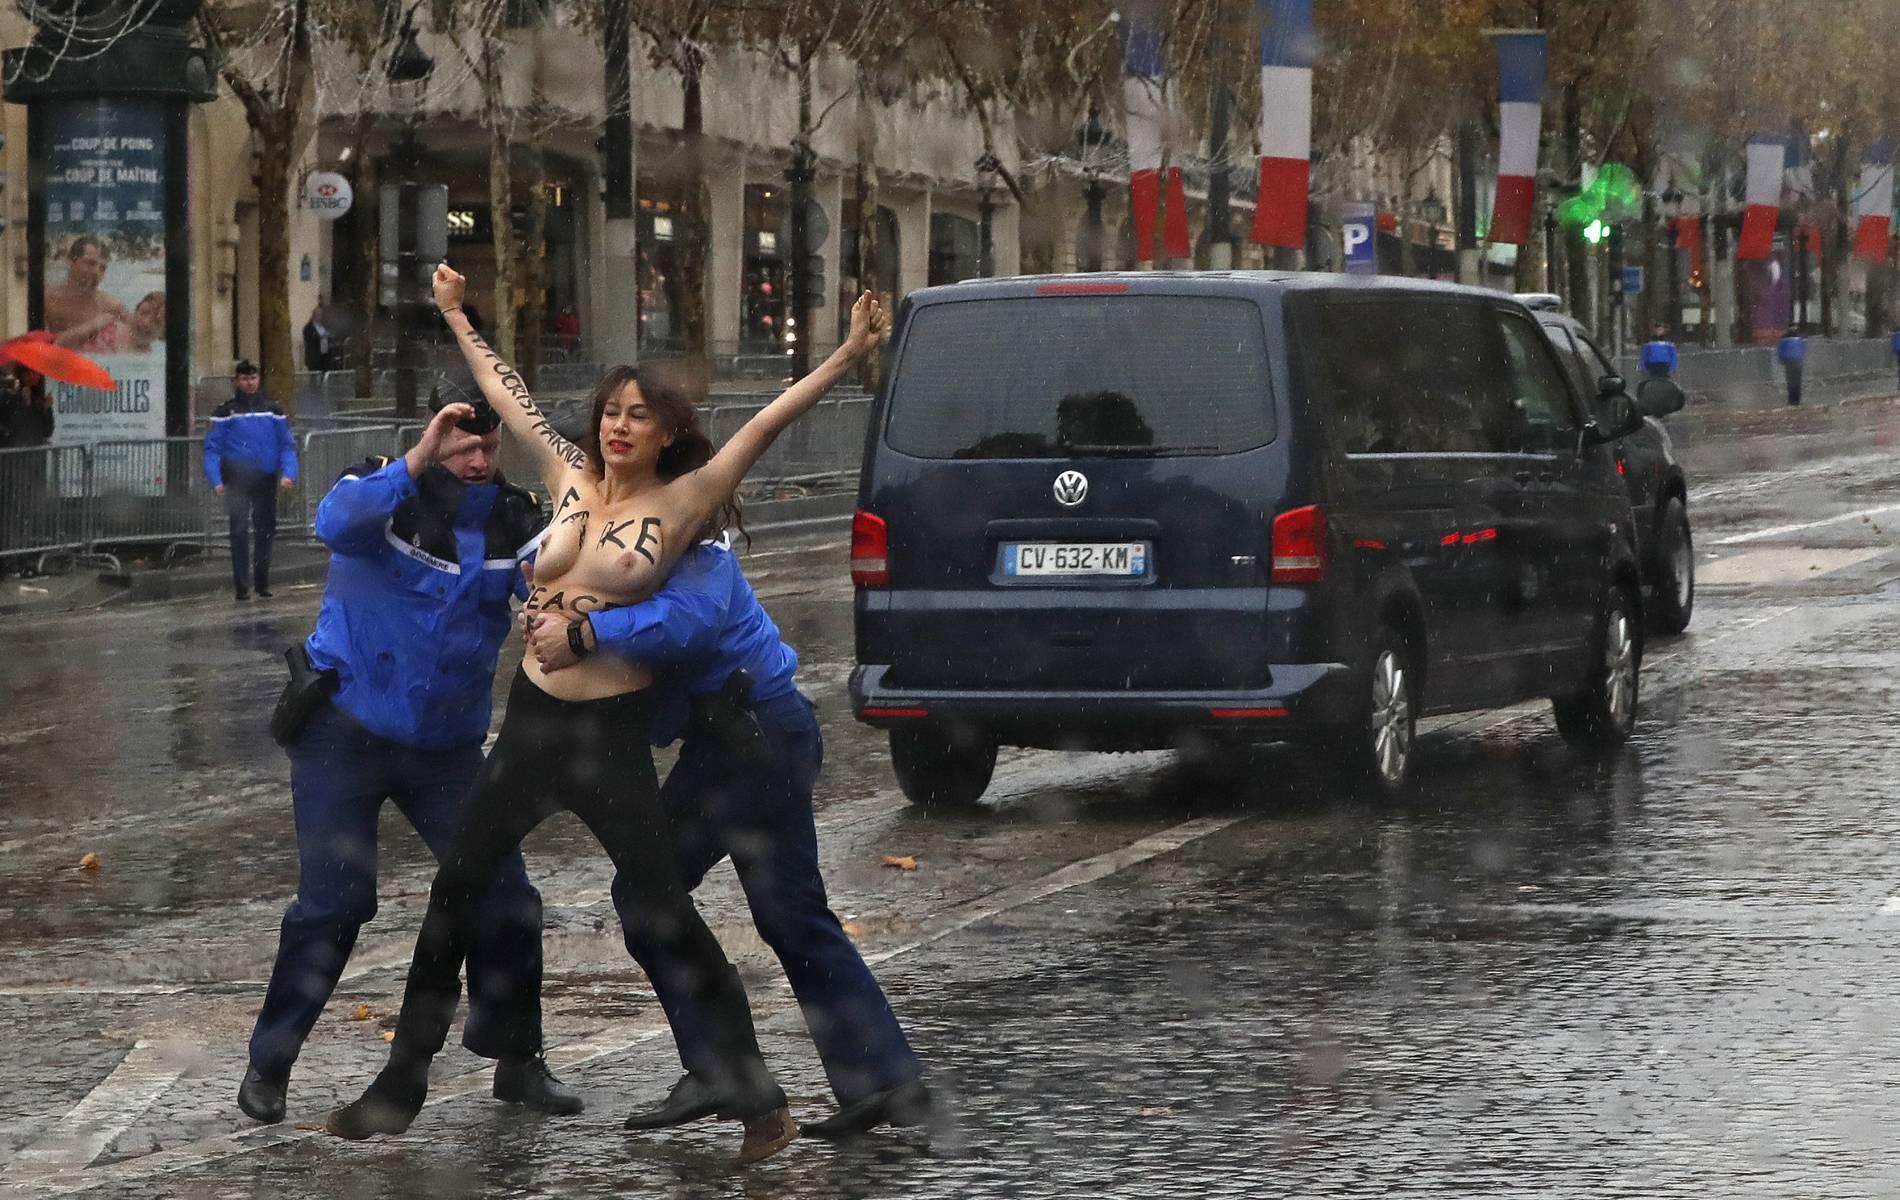 Als Trump vorbeifährt: Demonstrantin mit nackten Brüsten läuft auf Champs-Élysees